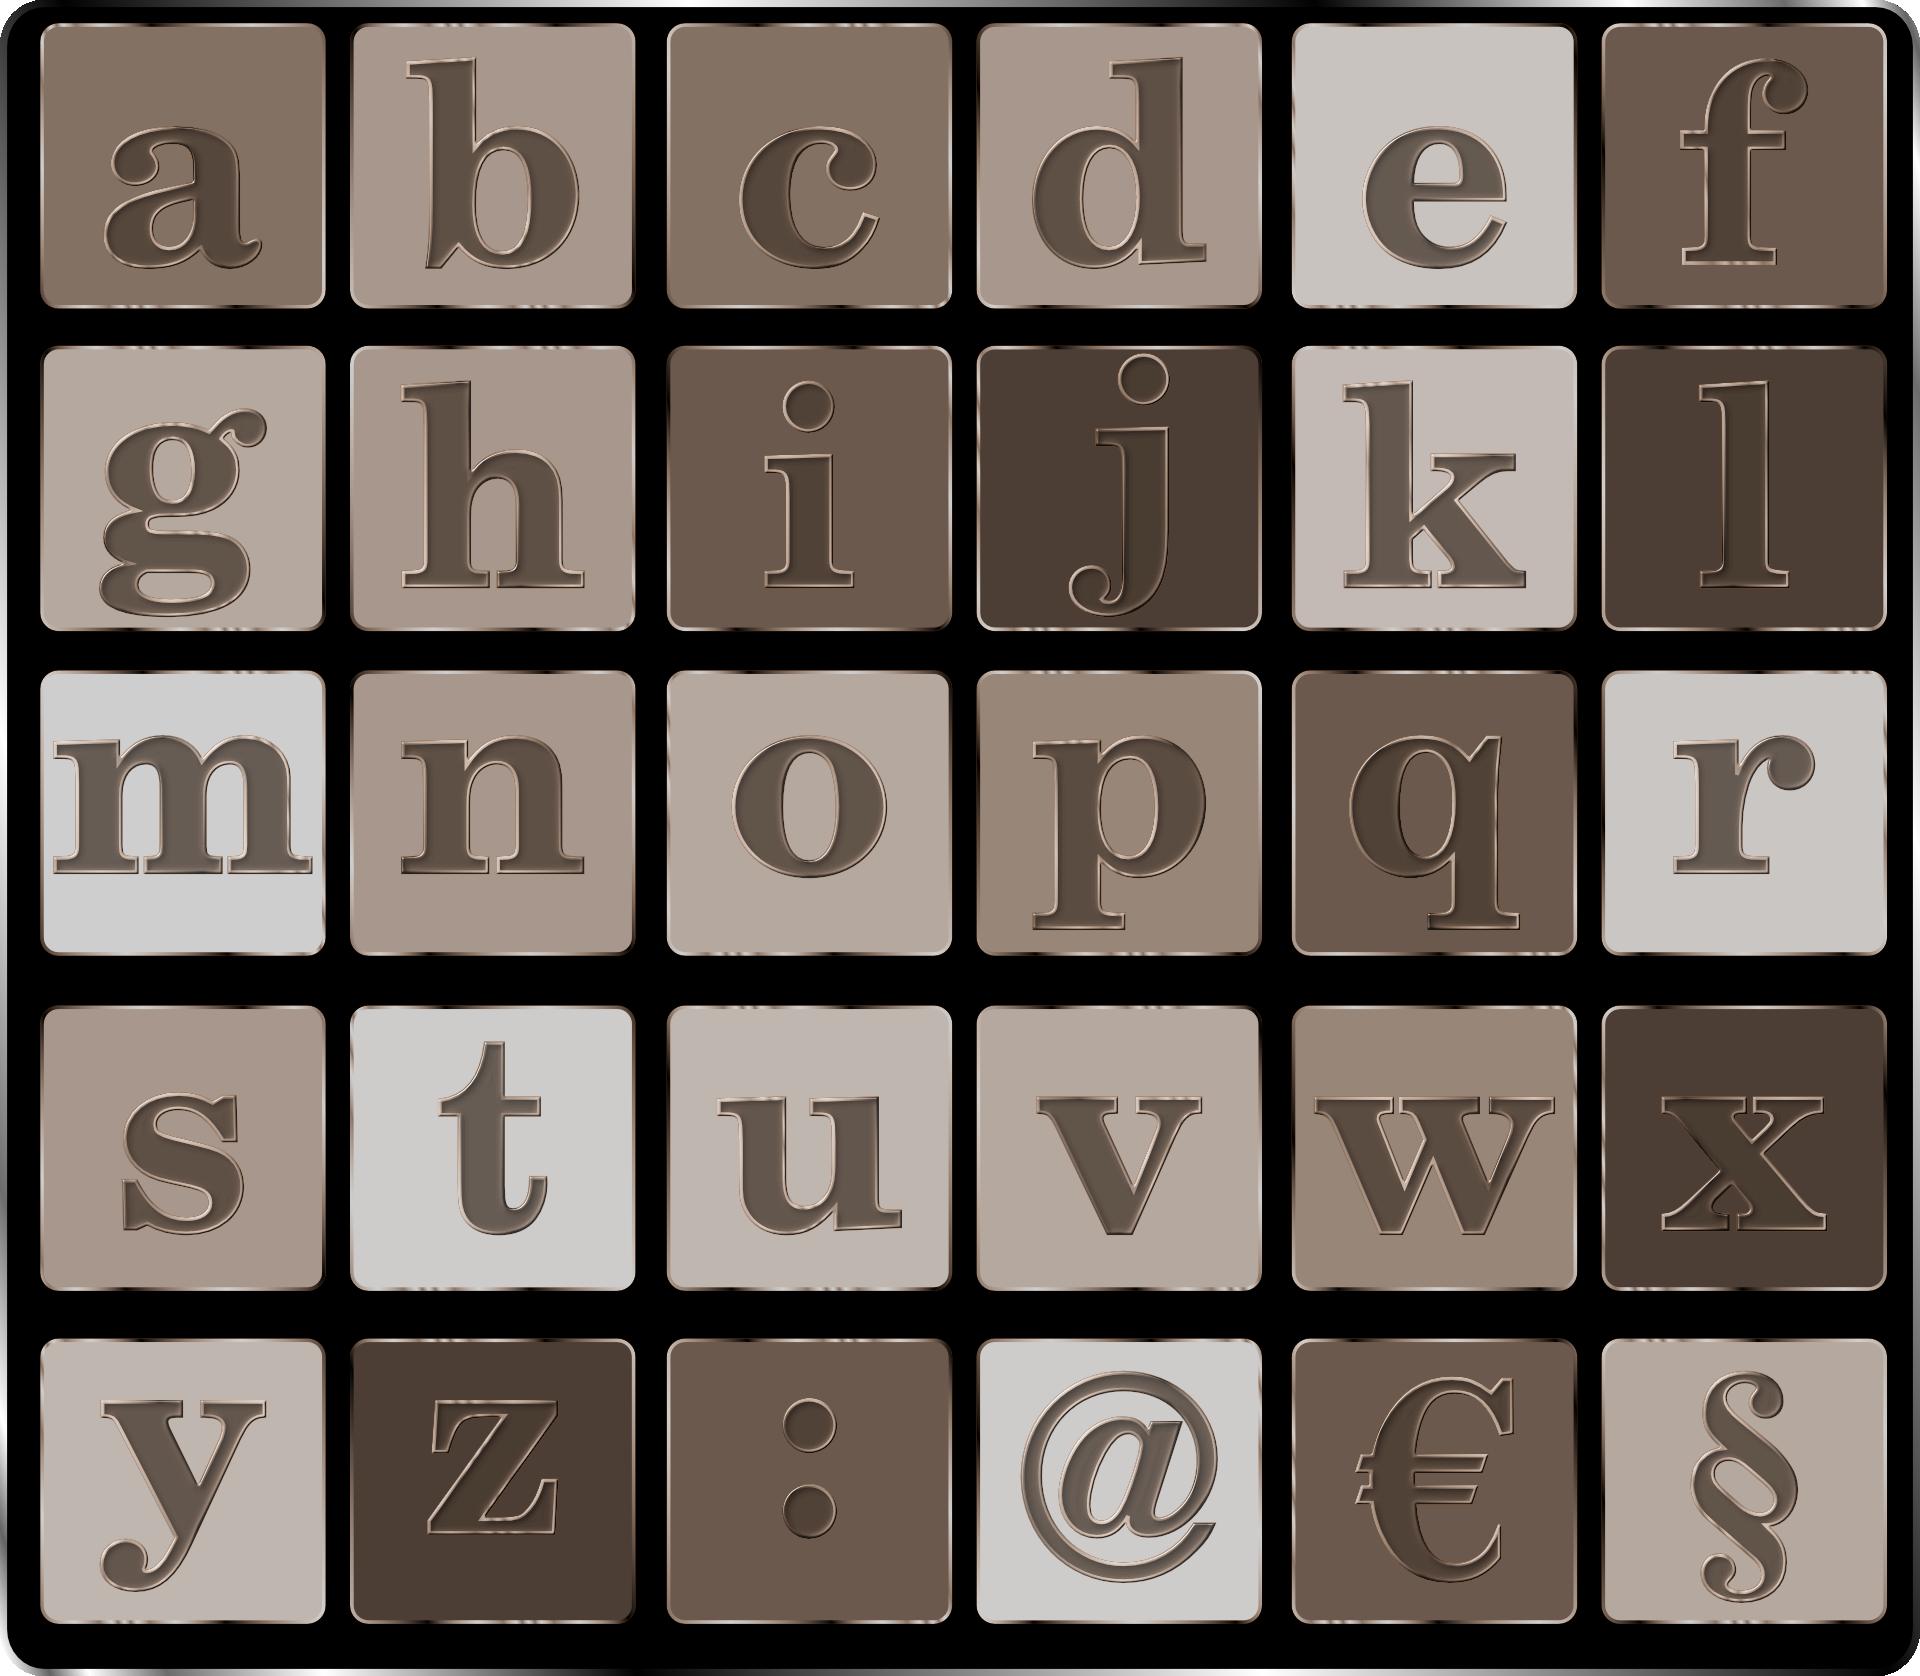 Buchstabenwert und Buchstabenwortwert ermitteln